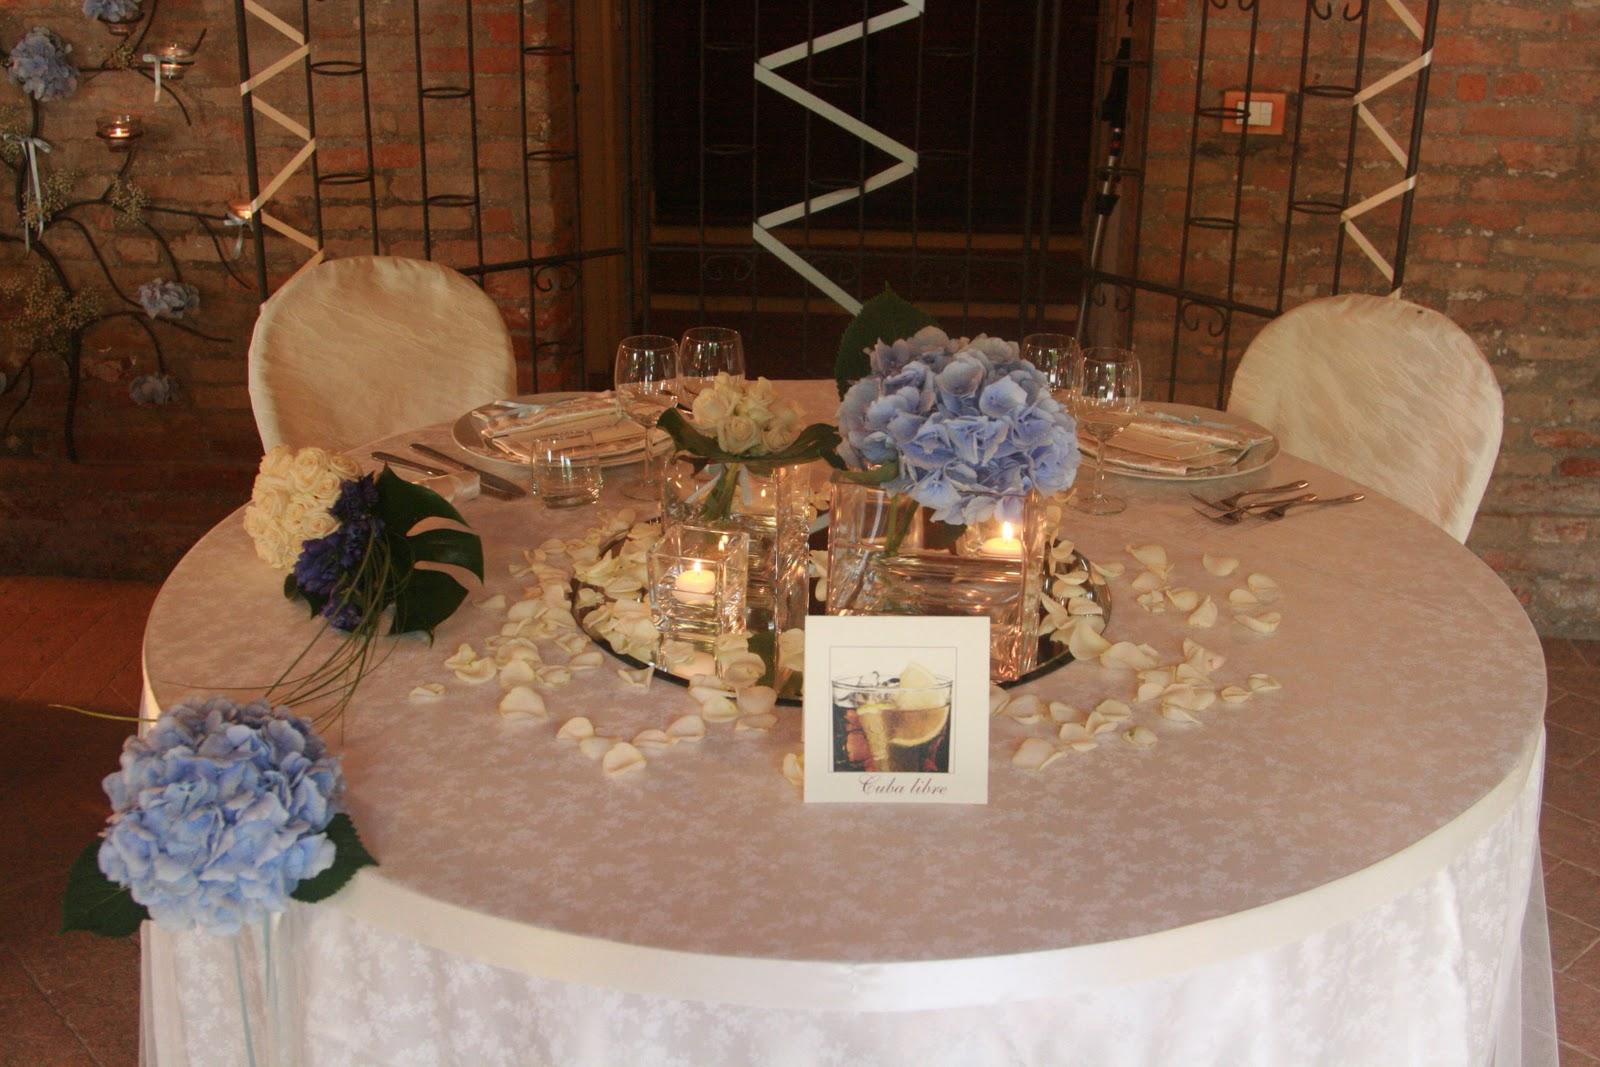 Mareventi wedding planner ravenna allestimenti floreali matrimonio bomboniere partecipazioni - Composizioni floreali per tavoli ...